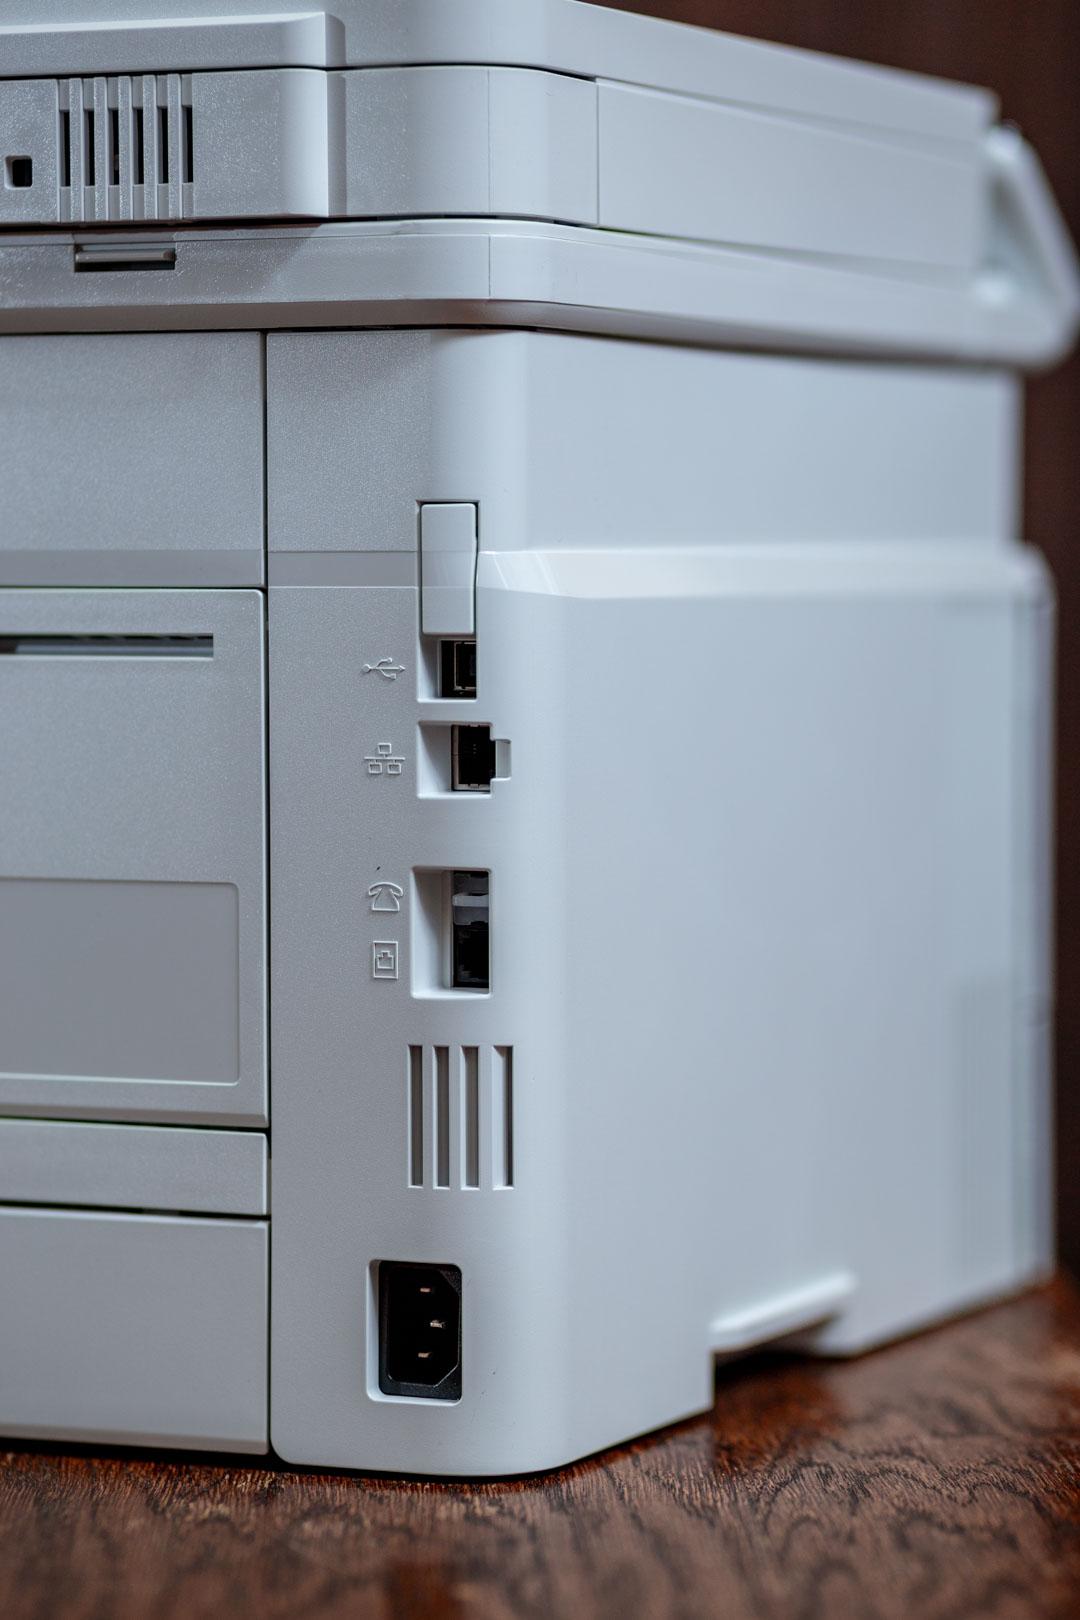 M426fdn szupergyors HP multifunkciós lézernyomtató - USB, Ethernet, Fax